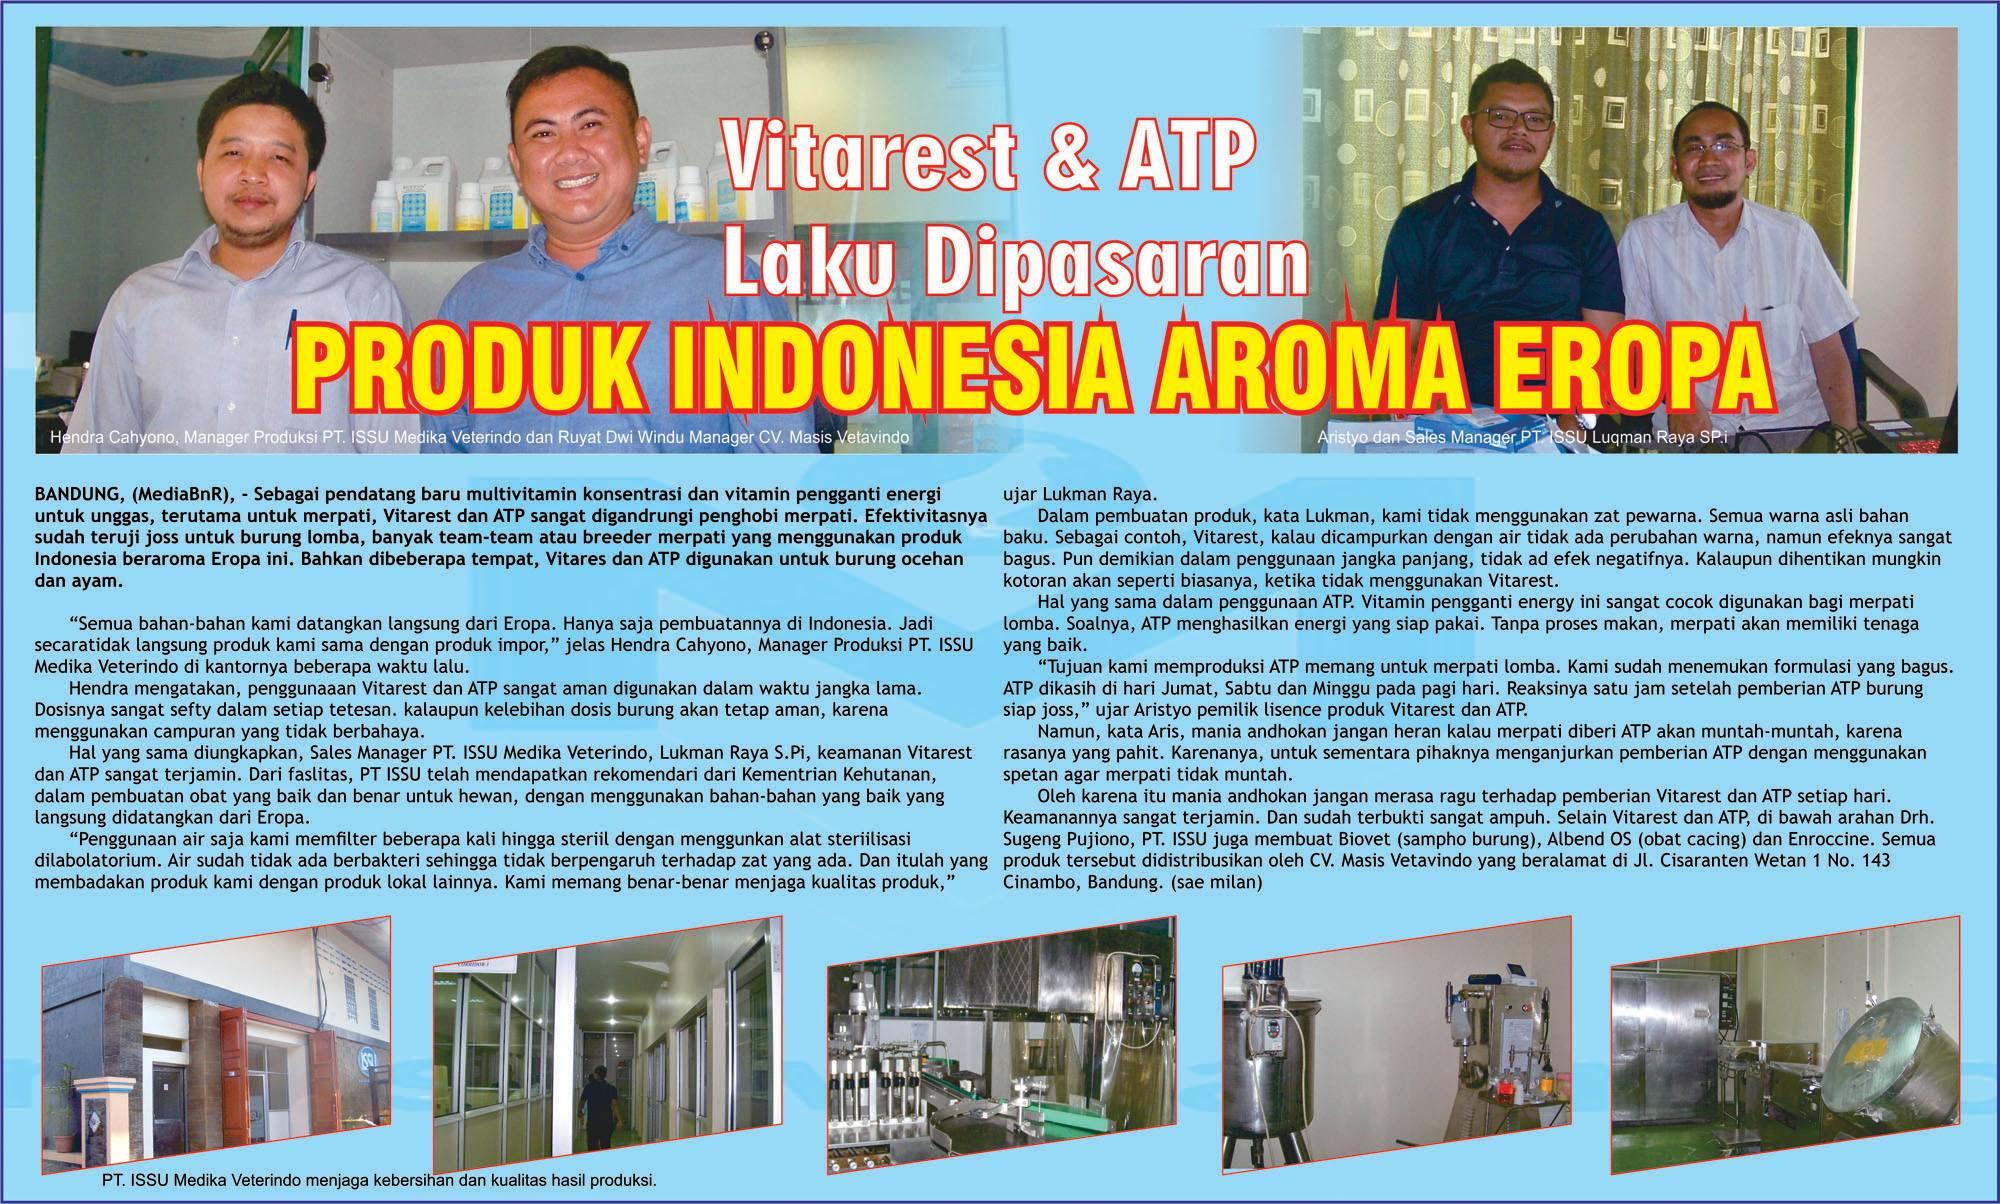 Vitarest & ATP Laku Dipasaran, Produk Indonesia Aroma Eropa